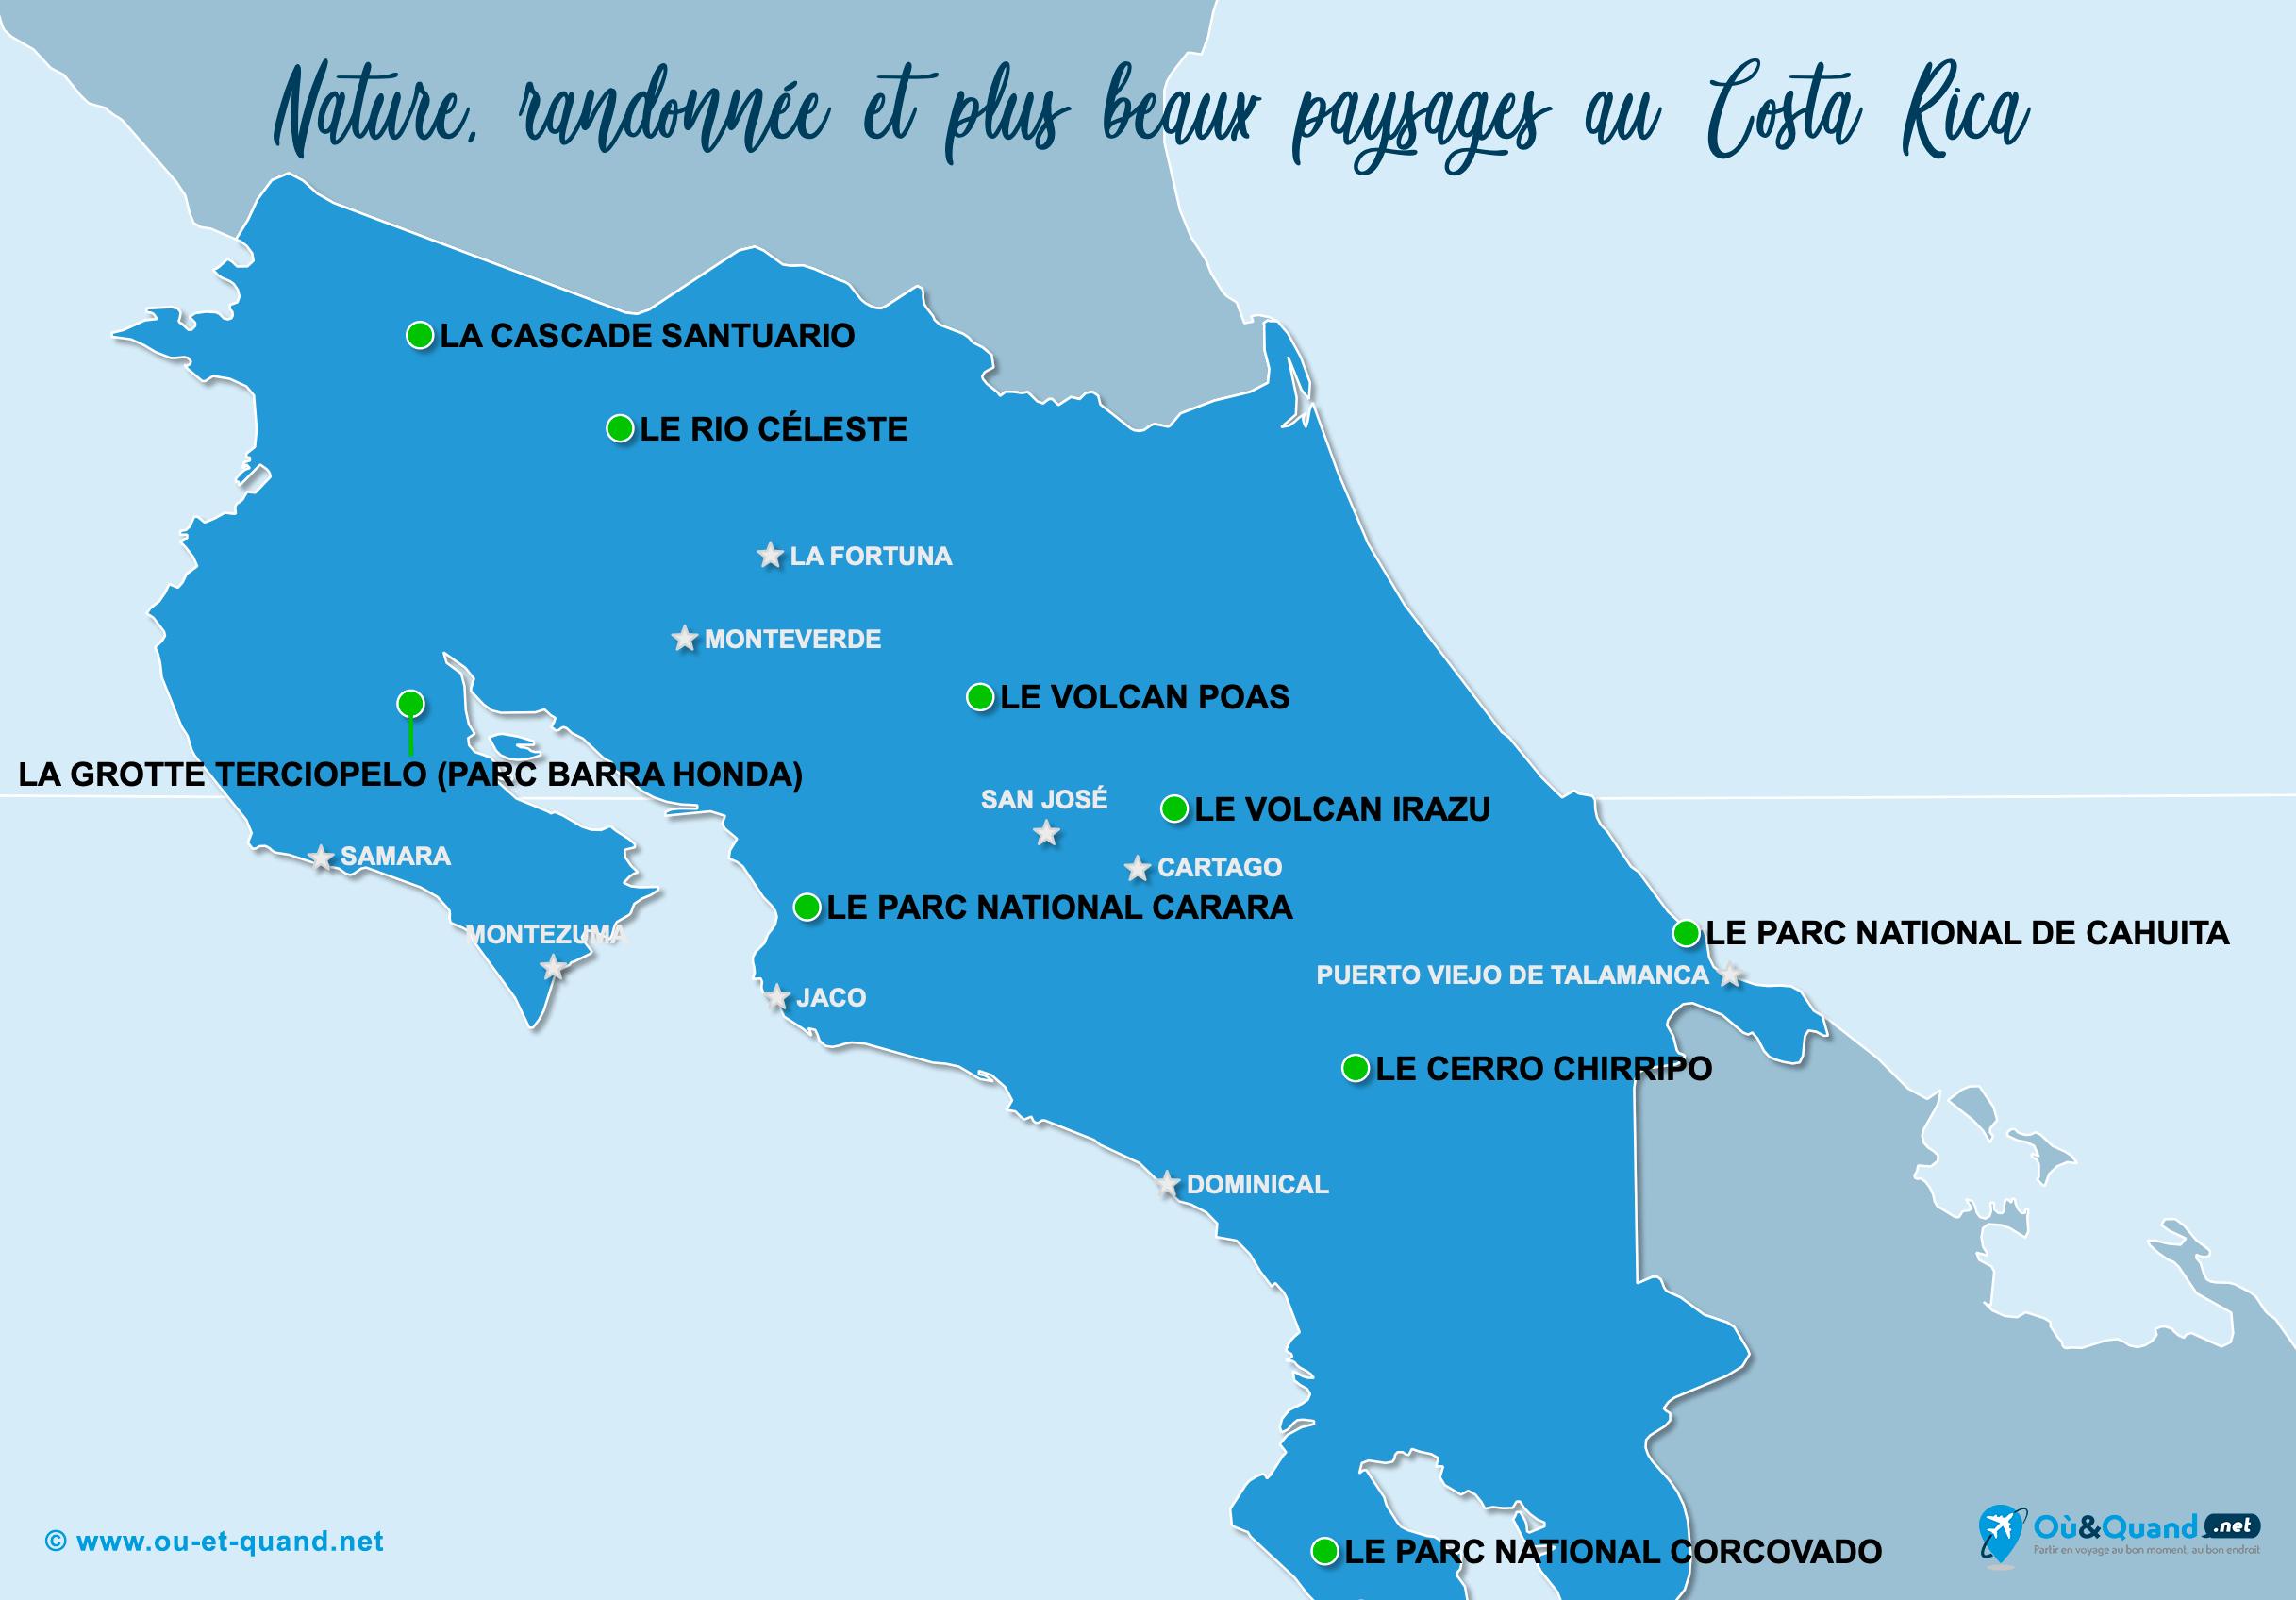 Carte Costa Rica : Les plus beaux paysages du Costa Rica